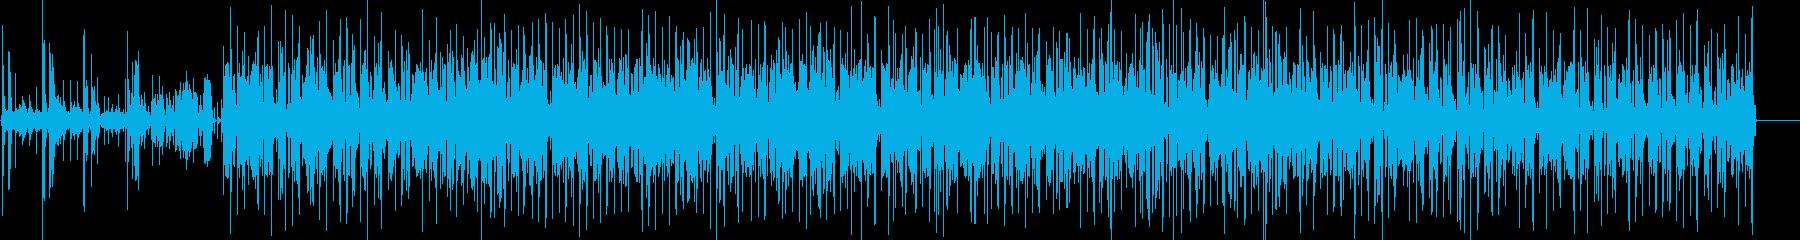 ピアノアルペジオ。サックスメロディ...の再生済みの波形